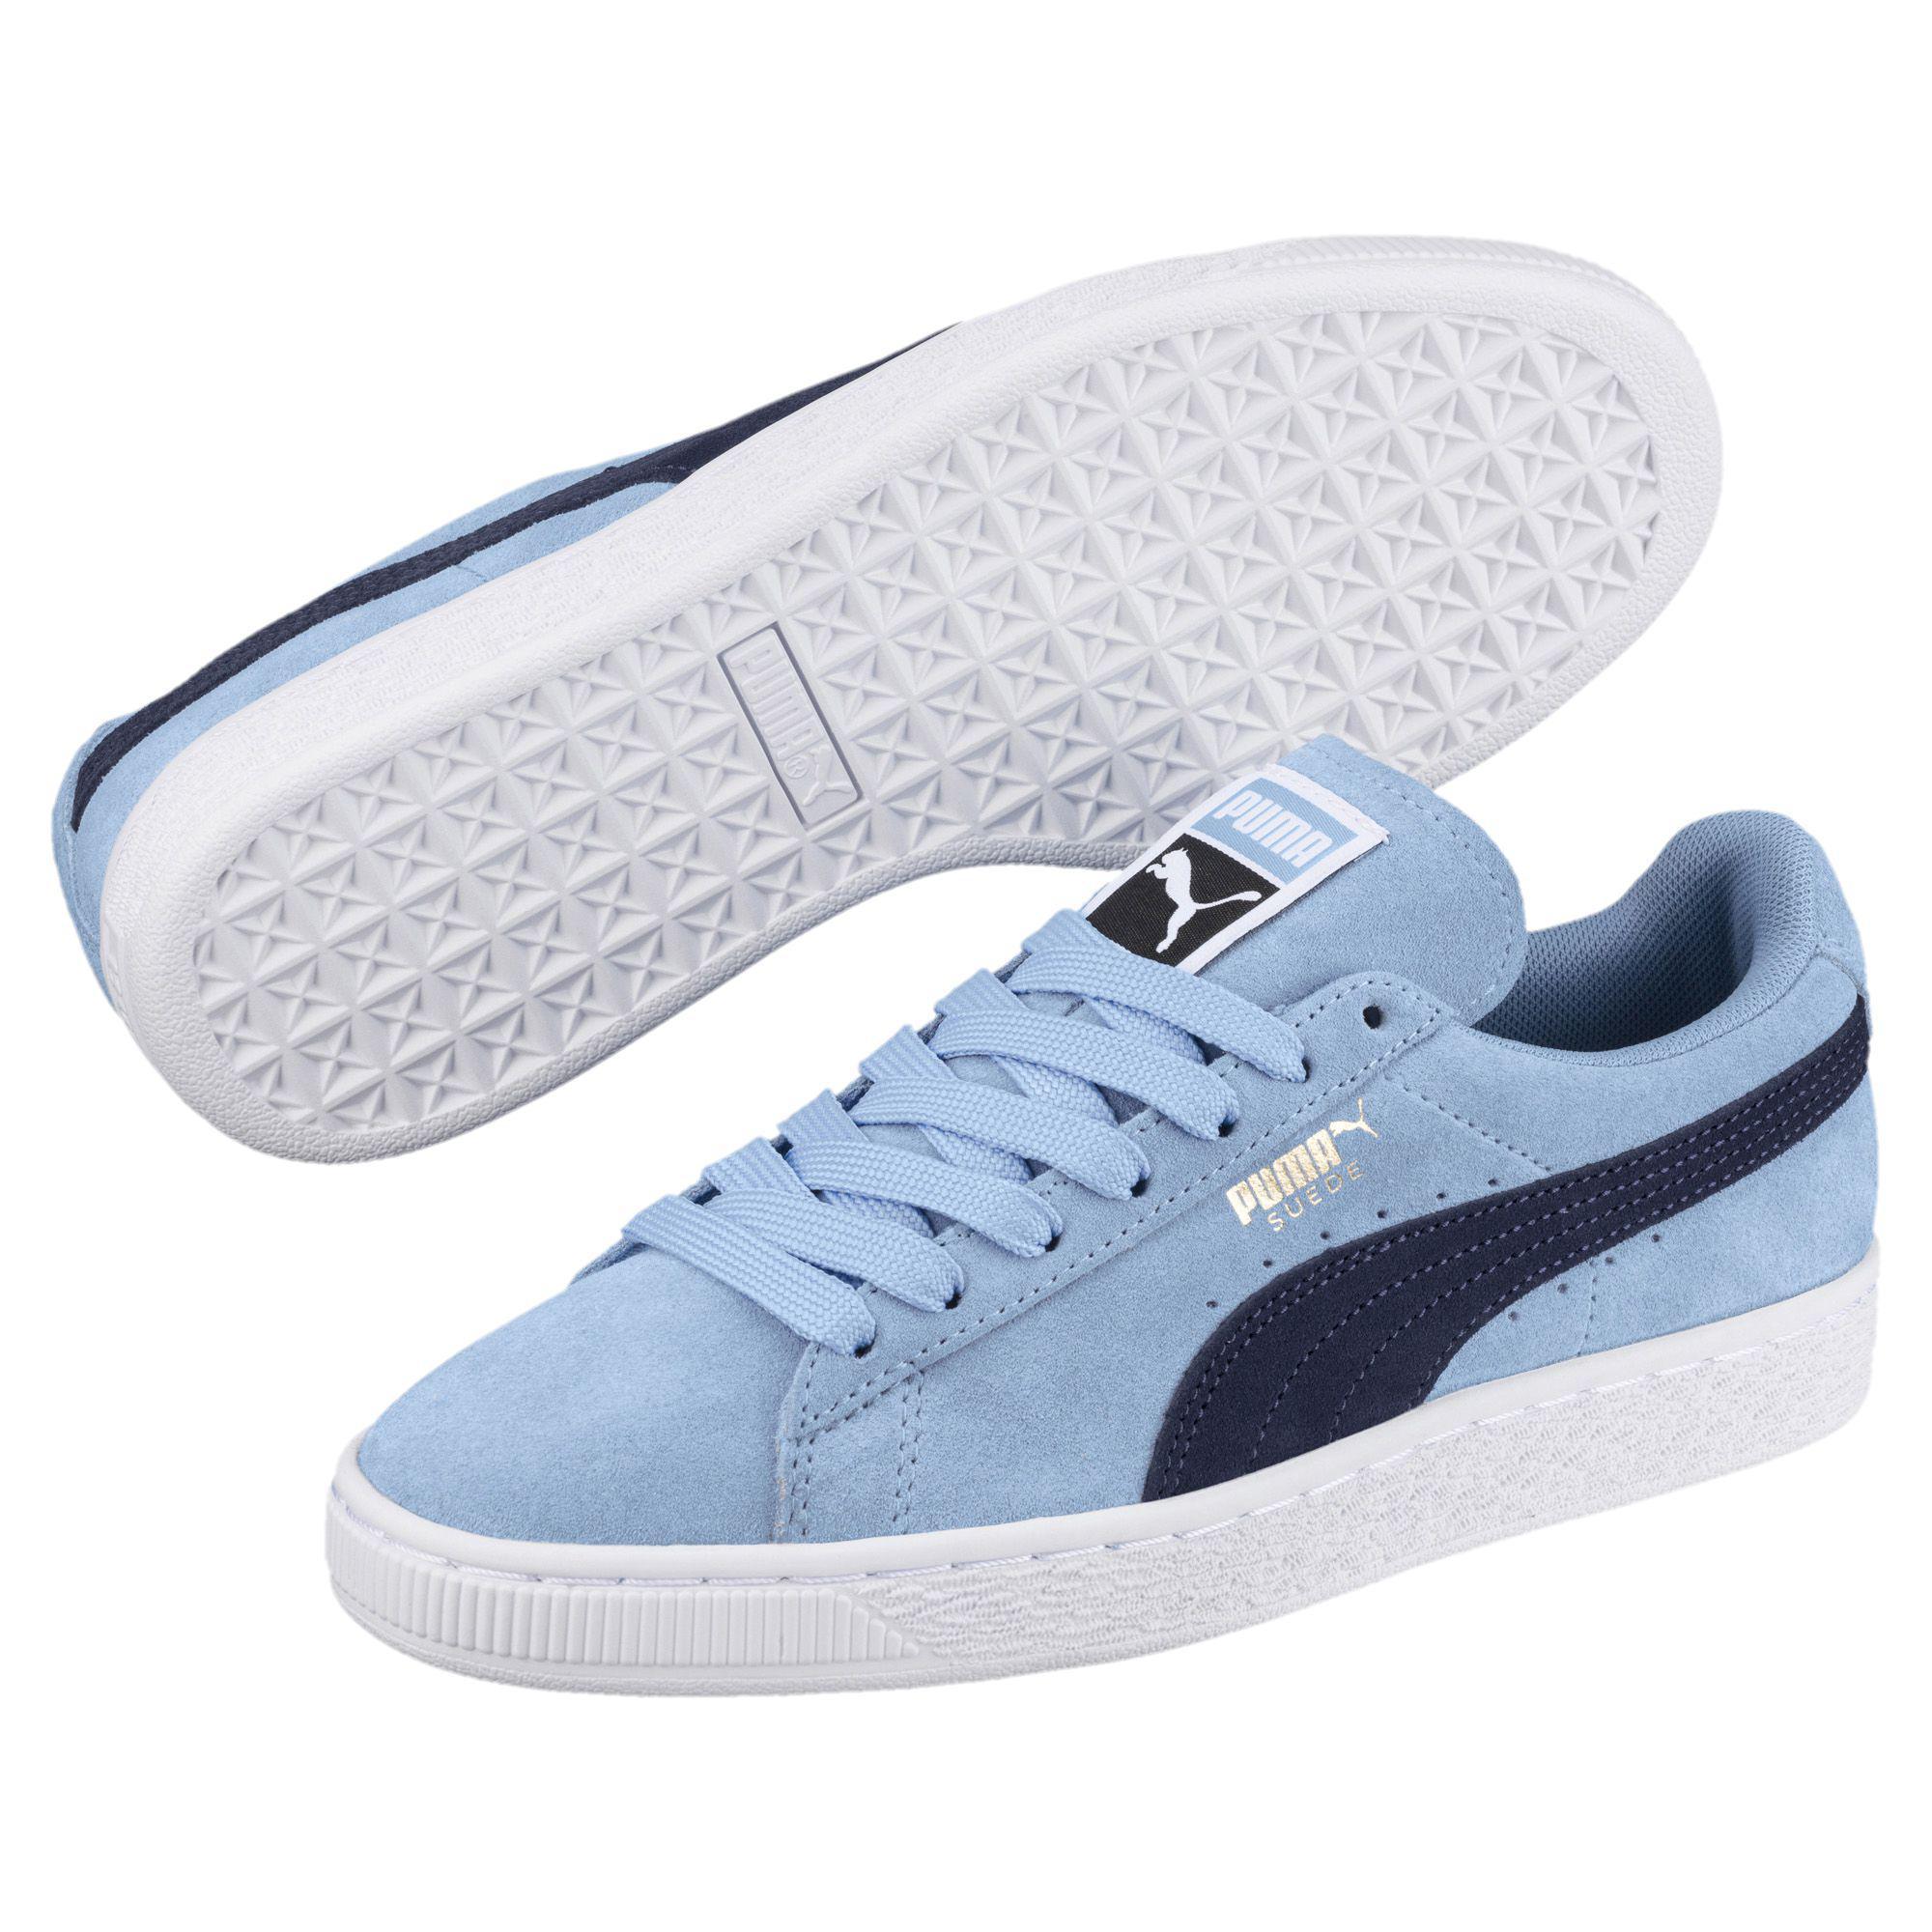 a3b686120aec51 PUMA - Blue Suede Classic Women s Sneakers - Lyst. View fullscreen